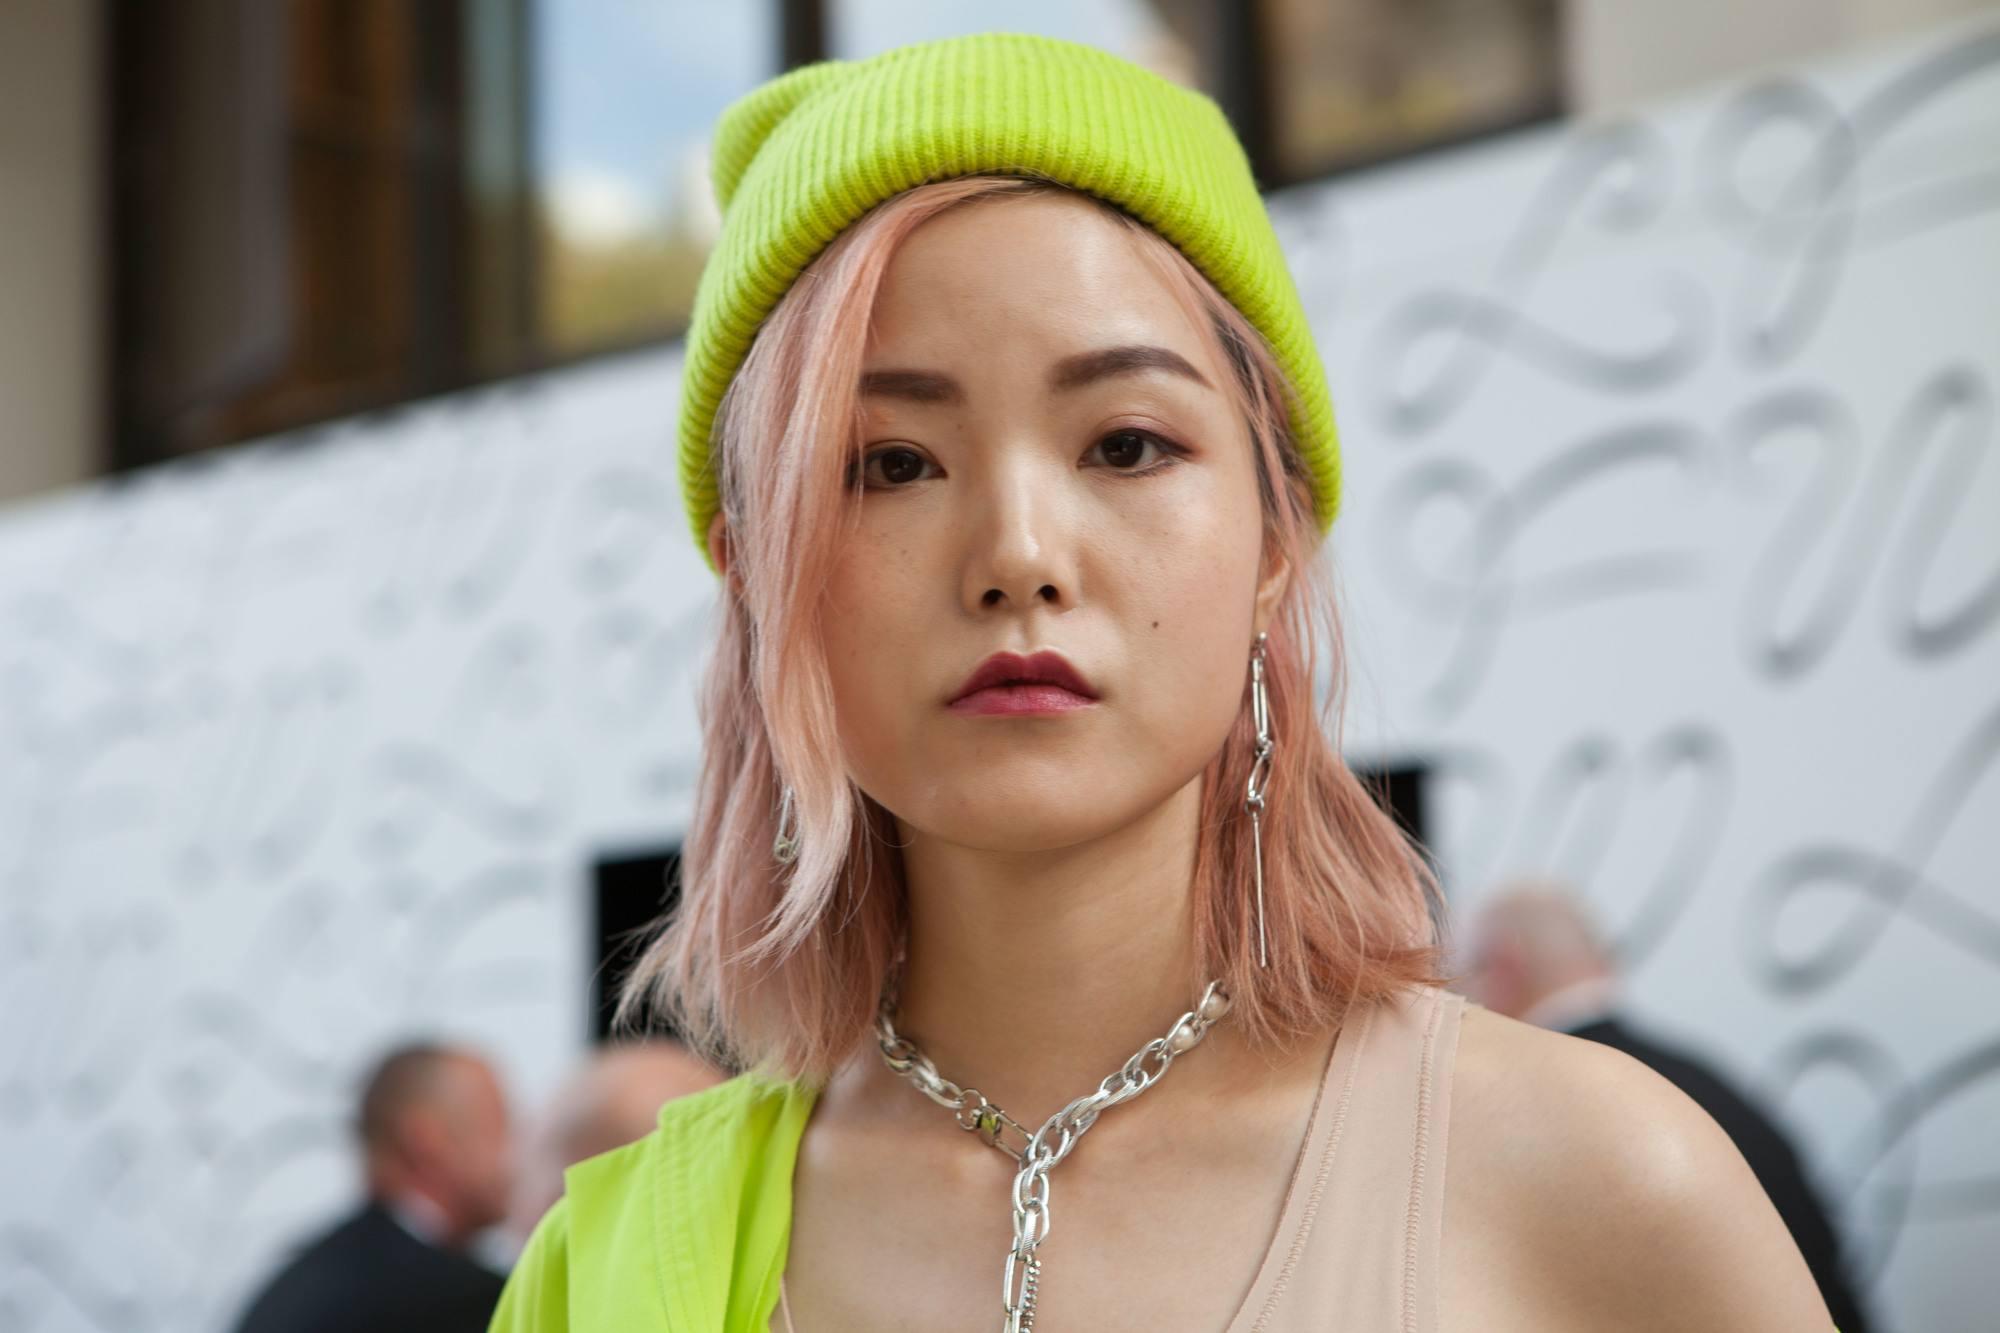 Femme aux cheveux asiatiques roses, longs d'épaule, avec un bonnet jaune fluo.